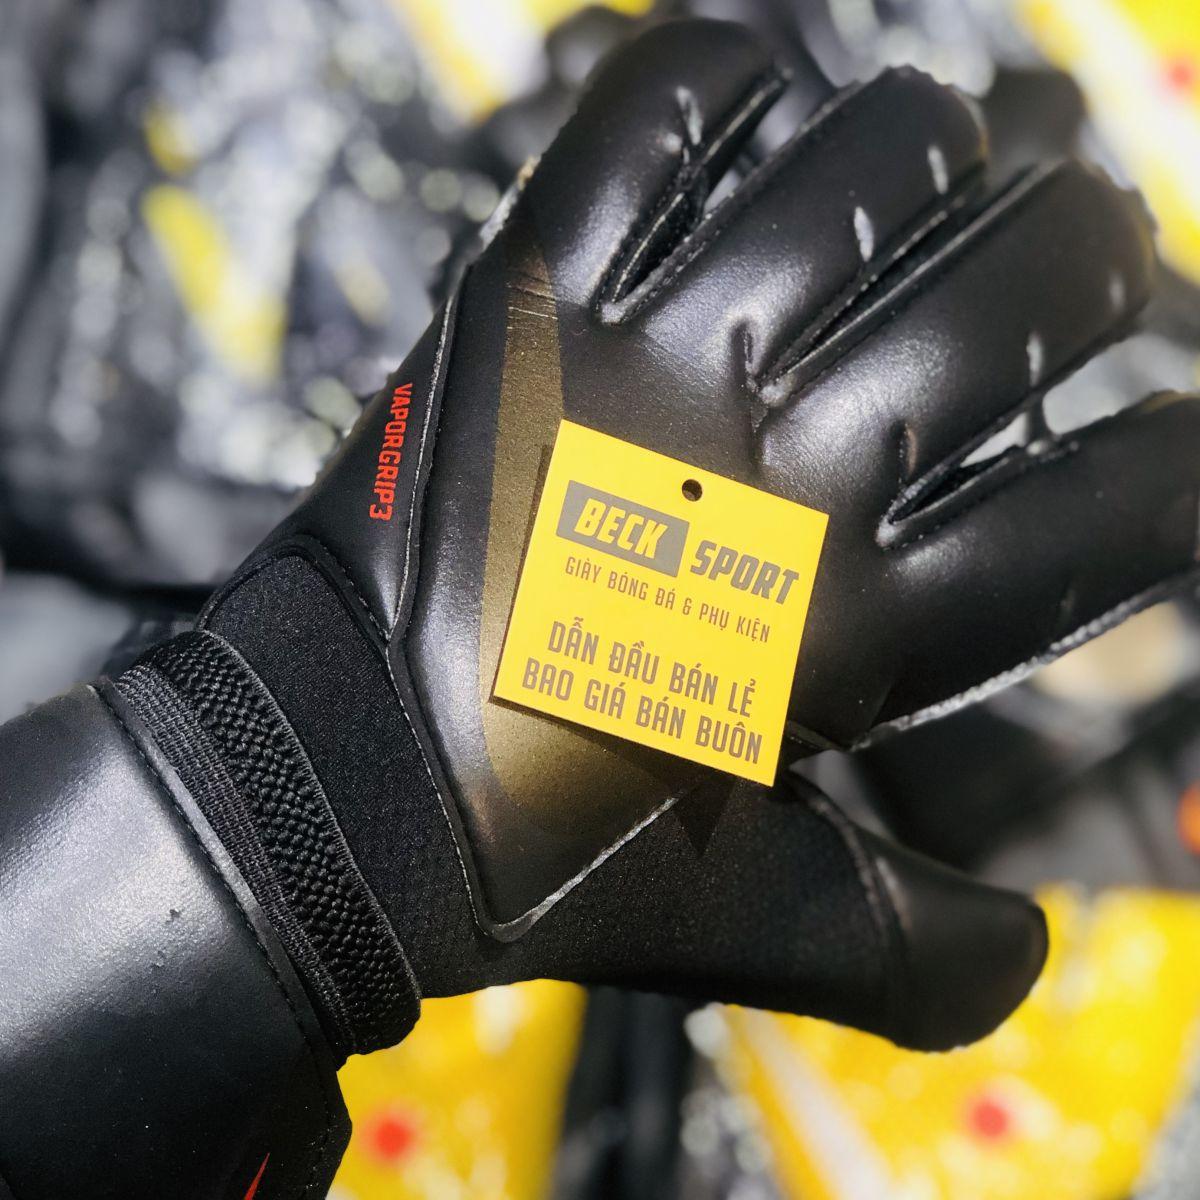 Găng Tay Nike Vapor Grip 3 Đen Vạch Vàng ( Không Xương )